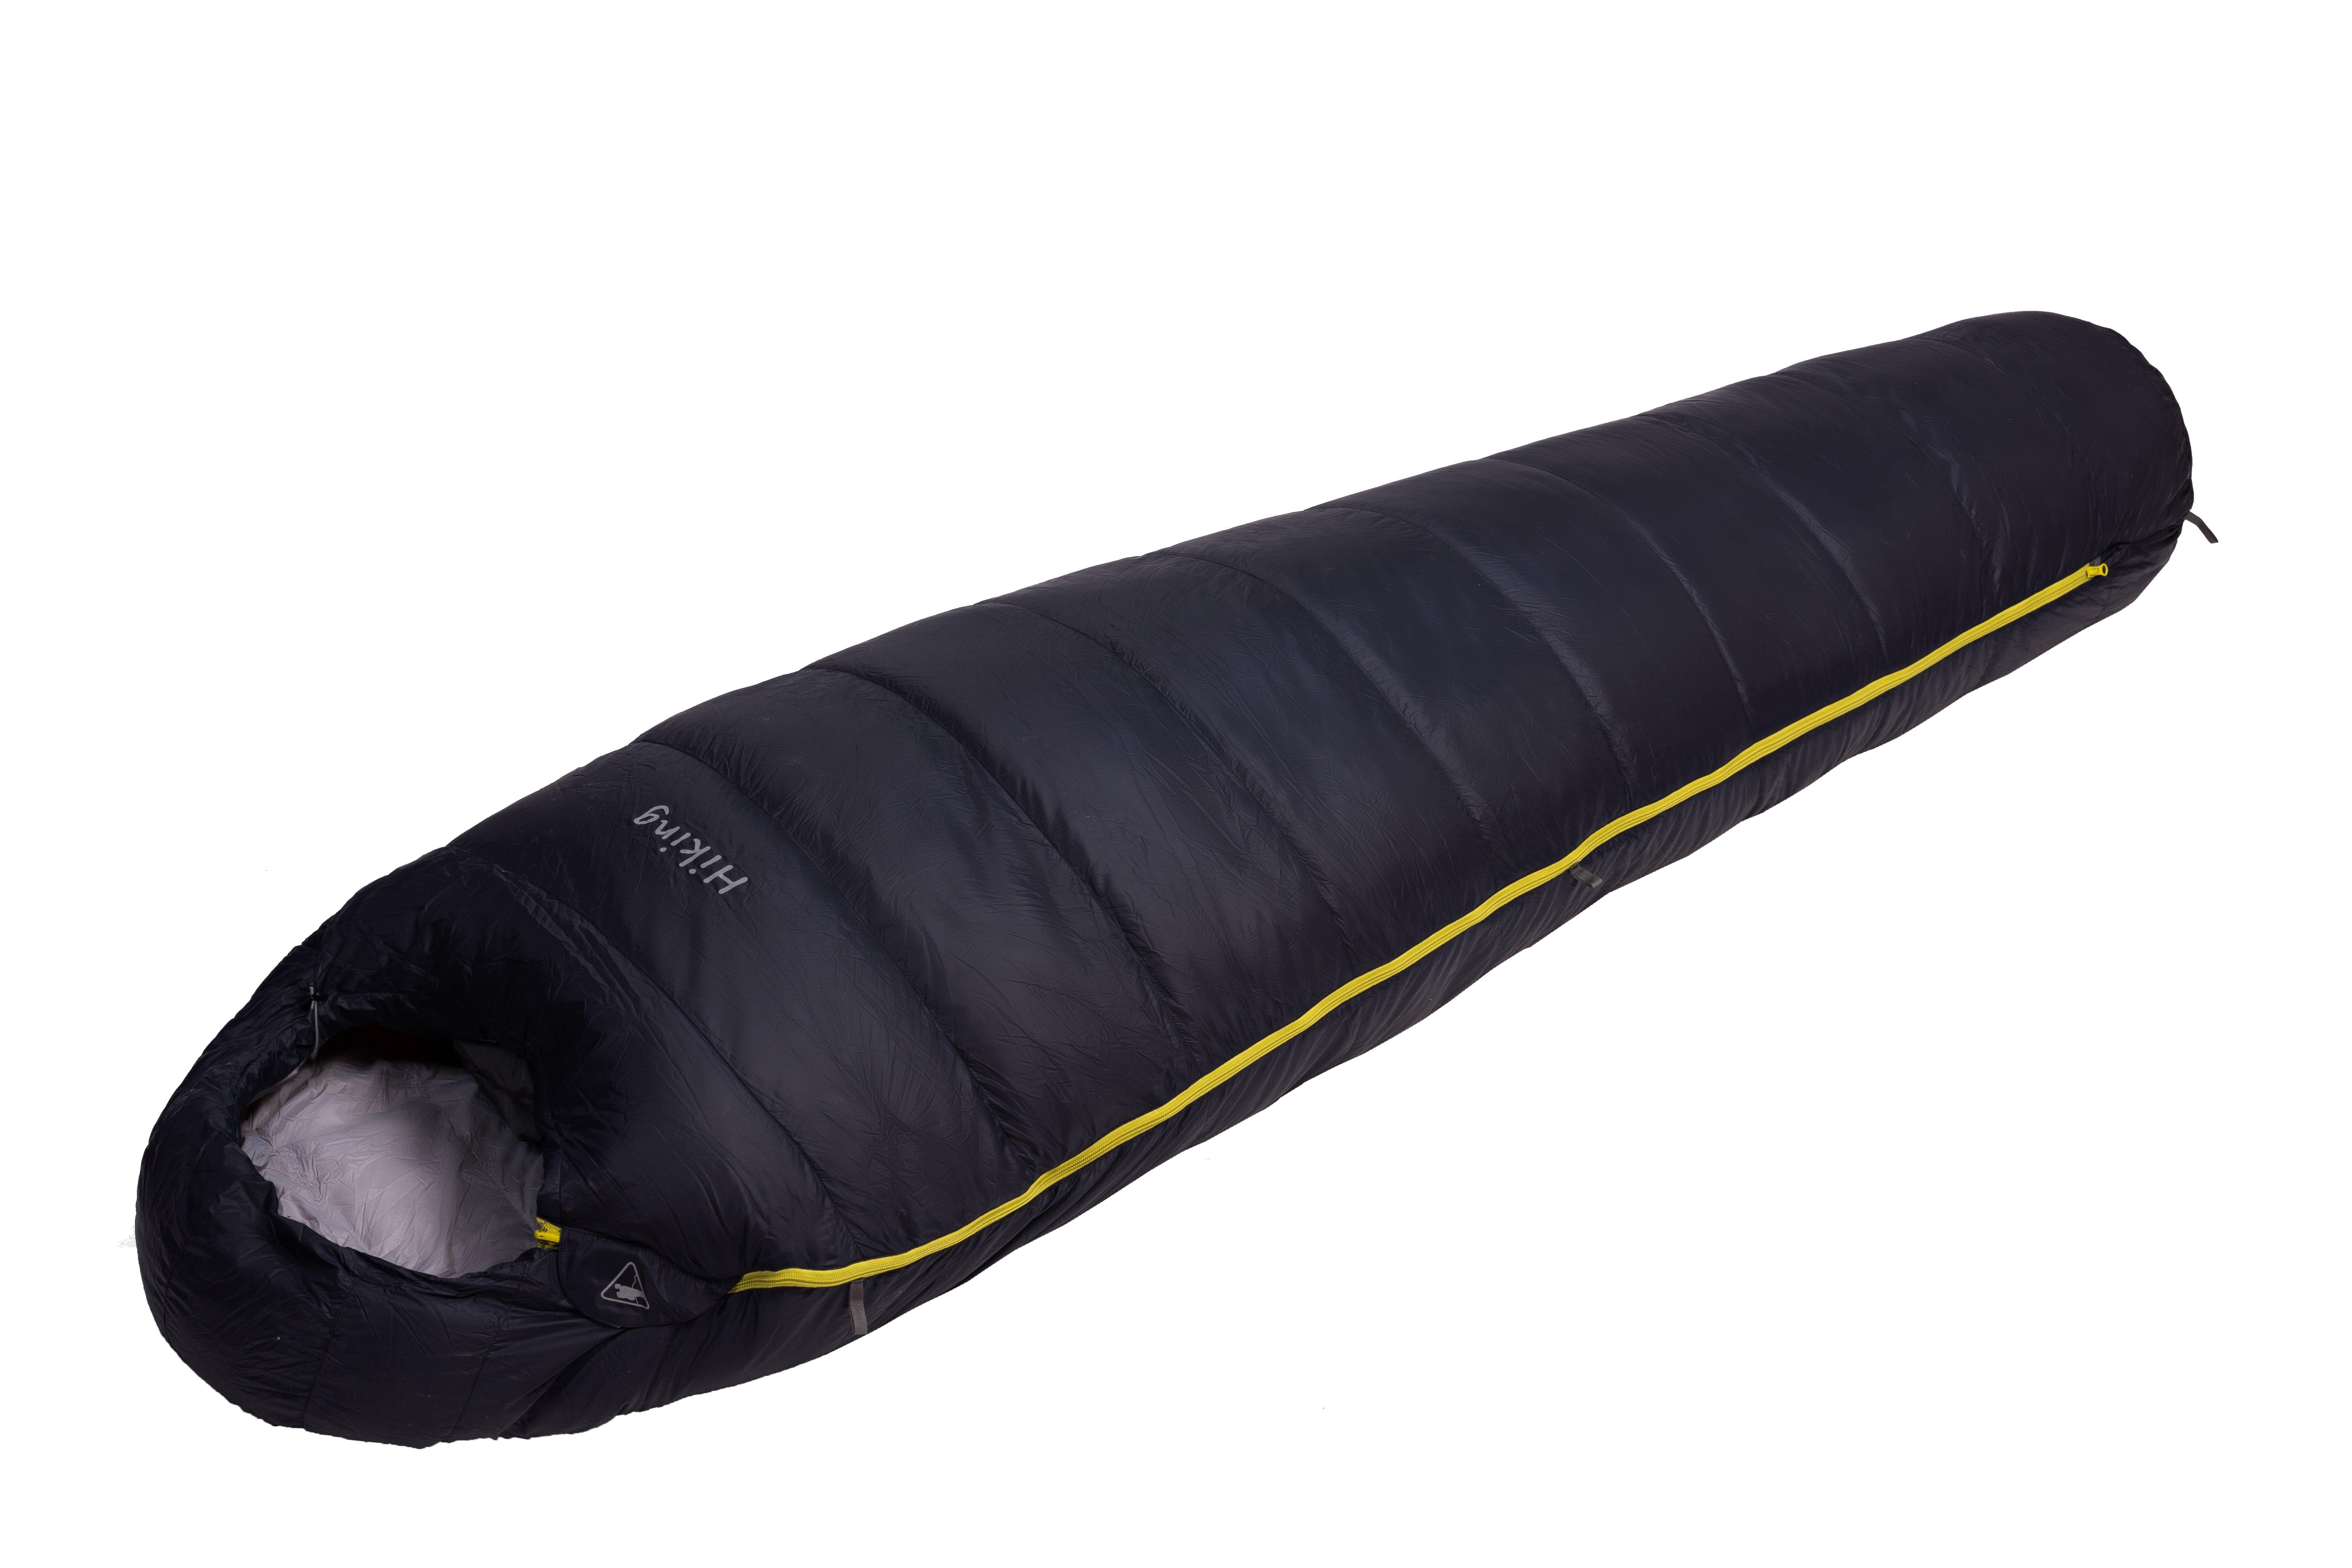 Спальный мешок BASK HIKING 700+ FP M 4042Лёгкий и тёплый пуховый спальный мешок кокон до -17 &amp;ordm;С.<br><br>Верхняя ткань: Advance®Perfomance<br>Вес без упаковки: 830<br>Вес утеплителя: 362<br>Внутренняя ткань: Advance®Superior<br>Назначение: туристический<br>Наличие карманов: Да<br>Наполнитель: пух<br>Нижняя температура комфорта °C: -1<br>Подголовник/Капюшон: Да<br>Показатель Fill Power (для пуховых изделий): 780<br>Пол: унисекс<br>Размер в упакованном виде (диаметр х длина): 18х46 см<br>Размеры наружные (внутренние): 215x192x80x55<br>Система расположения слоев утеплителя или пуховых пакетов: смещенные швы<br>Температура комфорта °C: 4<br>Тесьма вдоль планки: Да<br>Тип молнии: двухзамковая-разъёмная<br>Тип утеплителя: натуральный<br>Утеплитель: гусиный пух<br>Утепляющая планка: Да<br>Форма: кокон<br>Шейный пакет: Да<br>Экстремальная температура °C: -17<br>Размер RU: R<br>Цвет: СИНИЙ